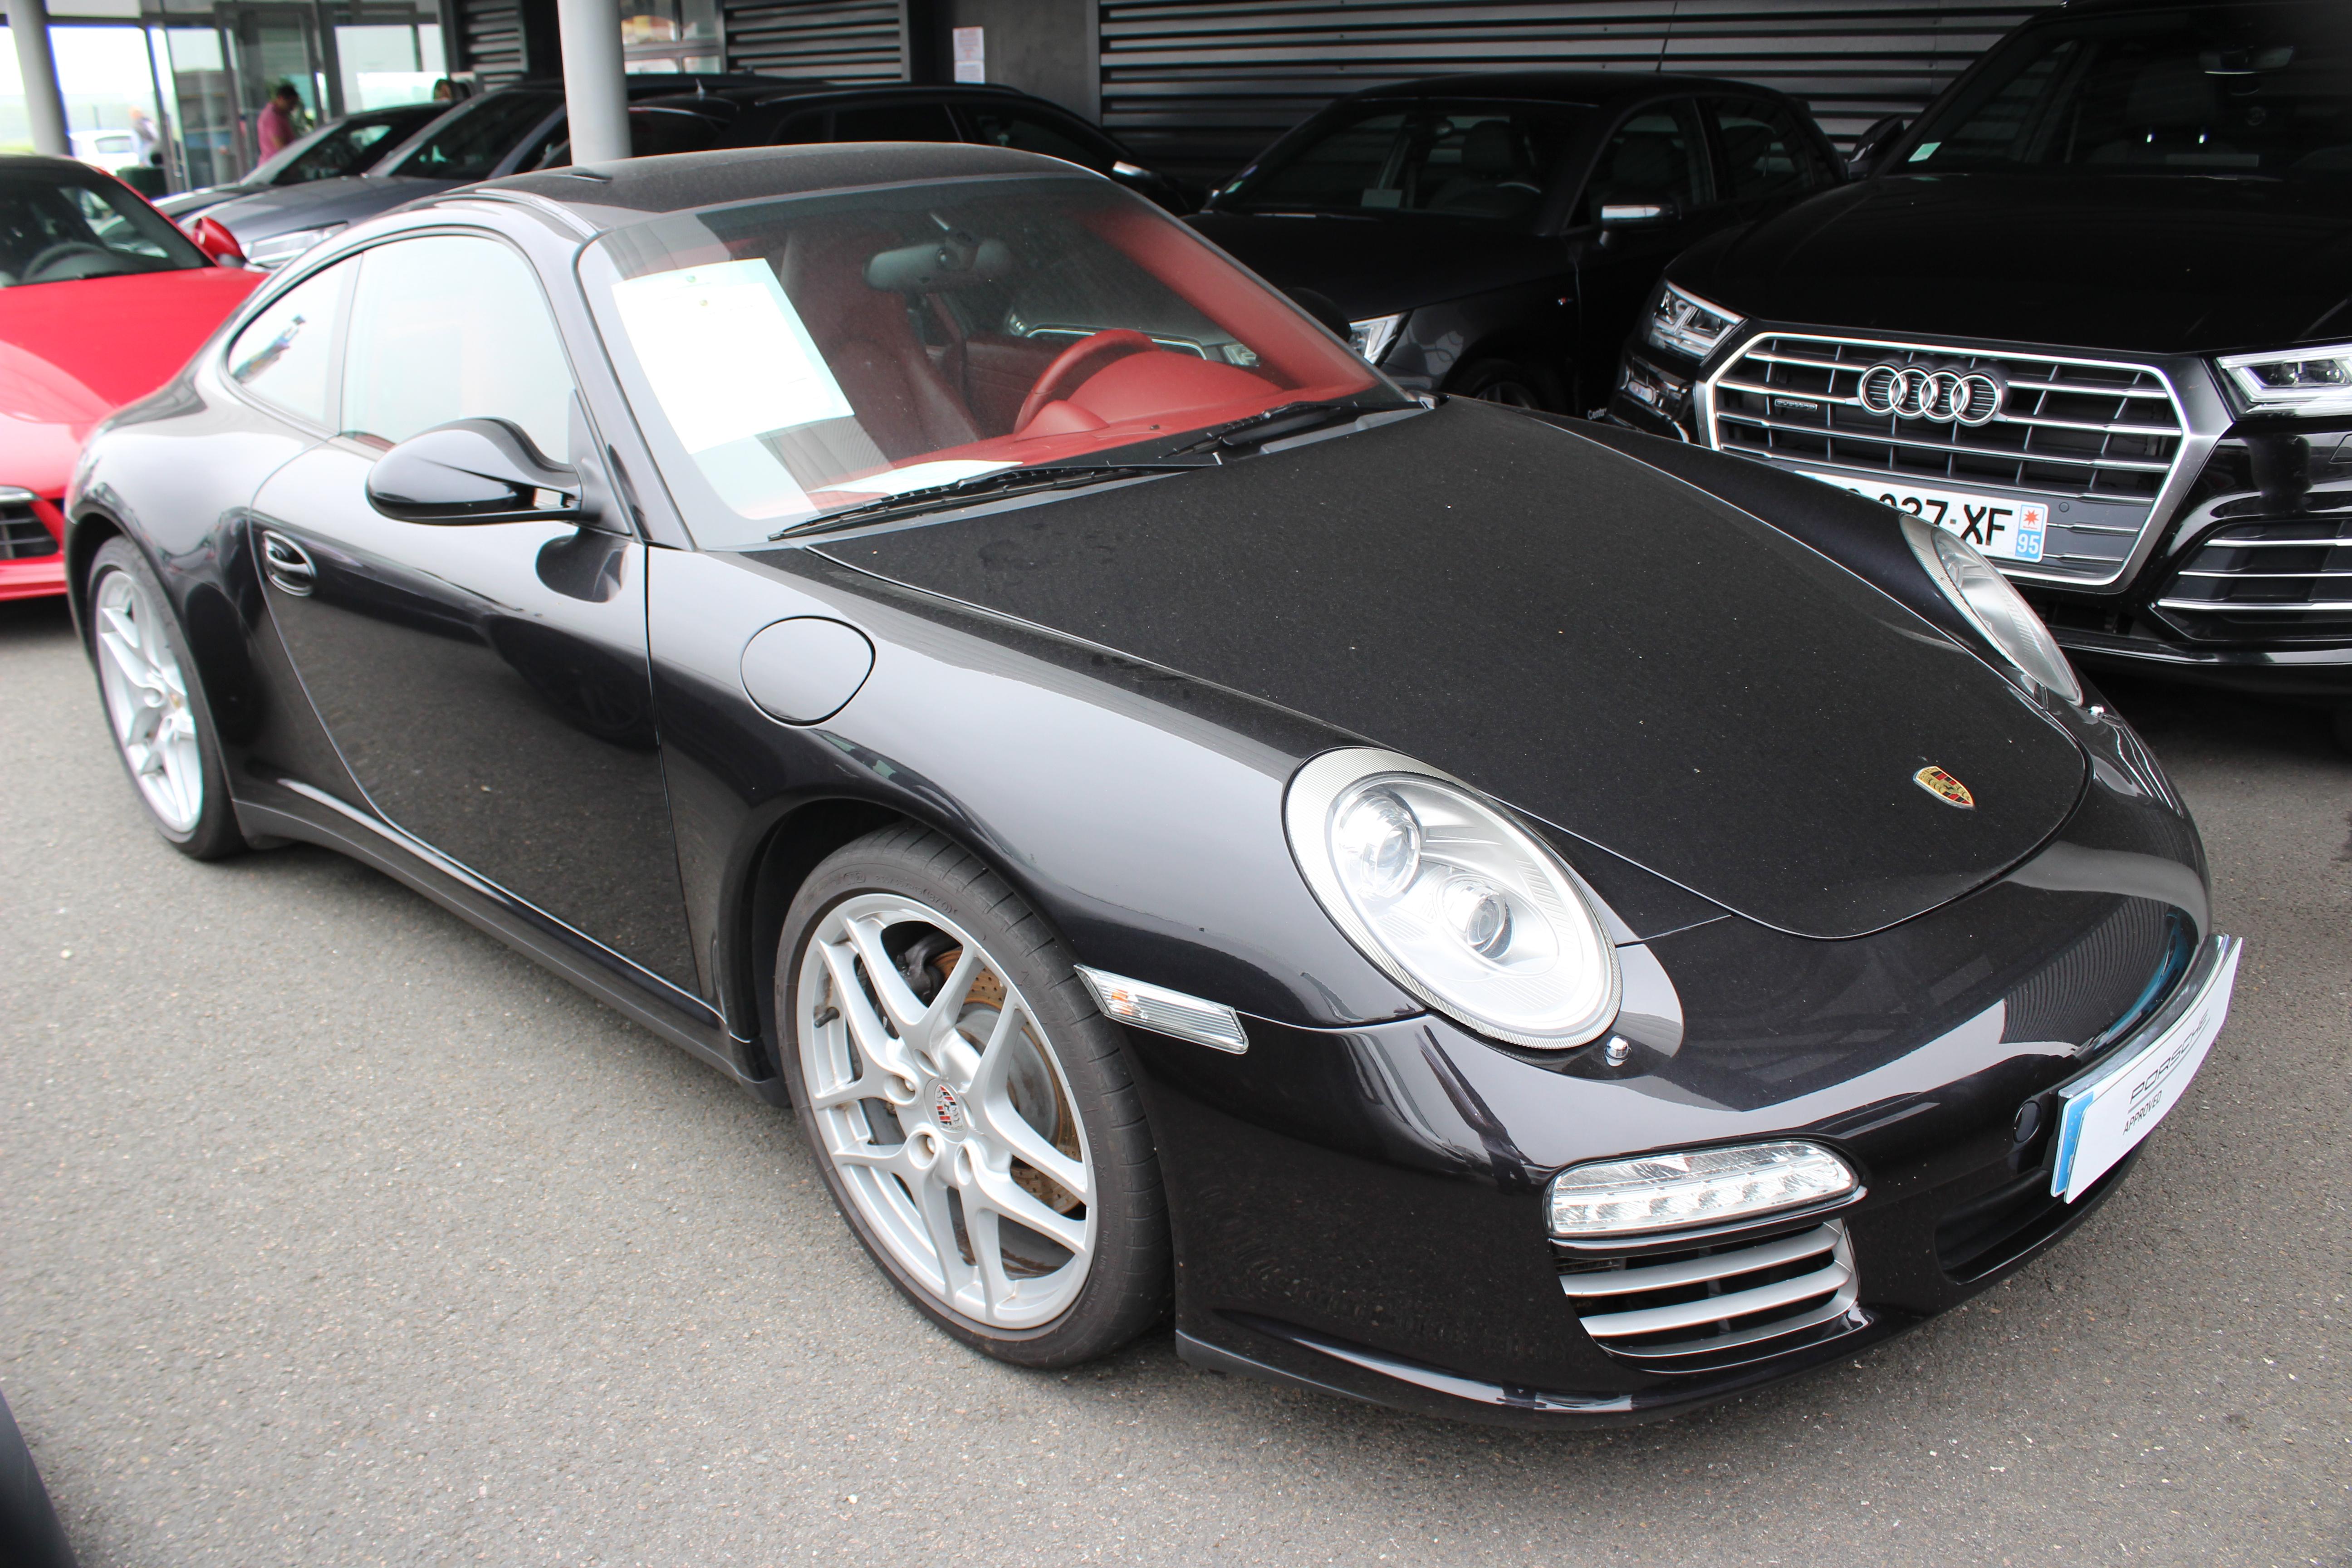 70 Ans Centre Porsche ROISSY Sonauto Img_6652